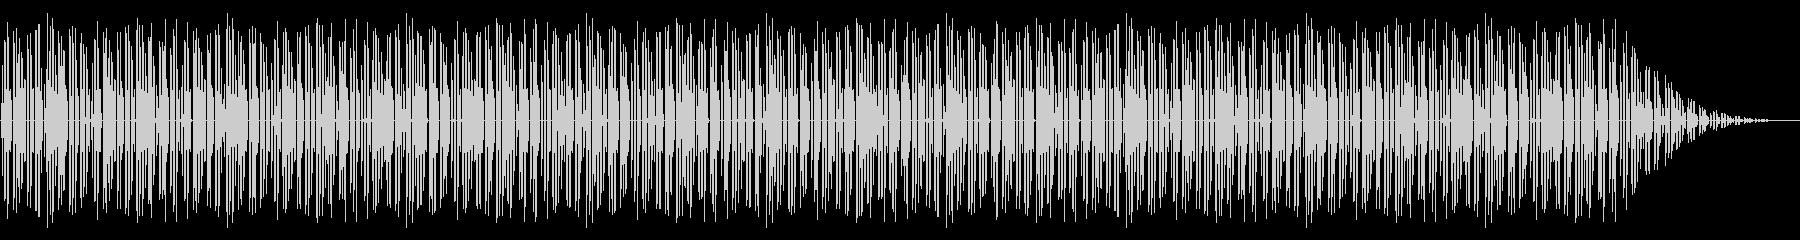 GB風パズル・カードゲームのステージ曲の未再生の波形